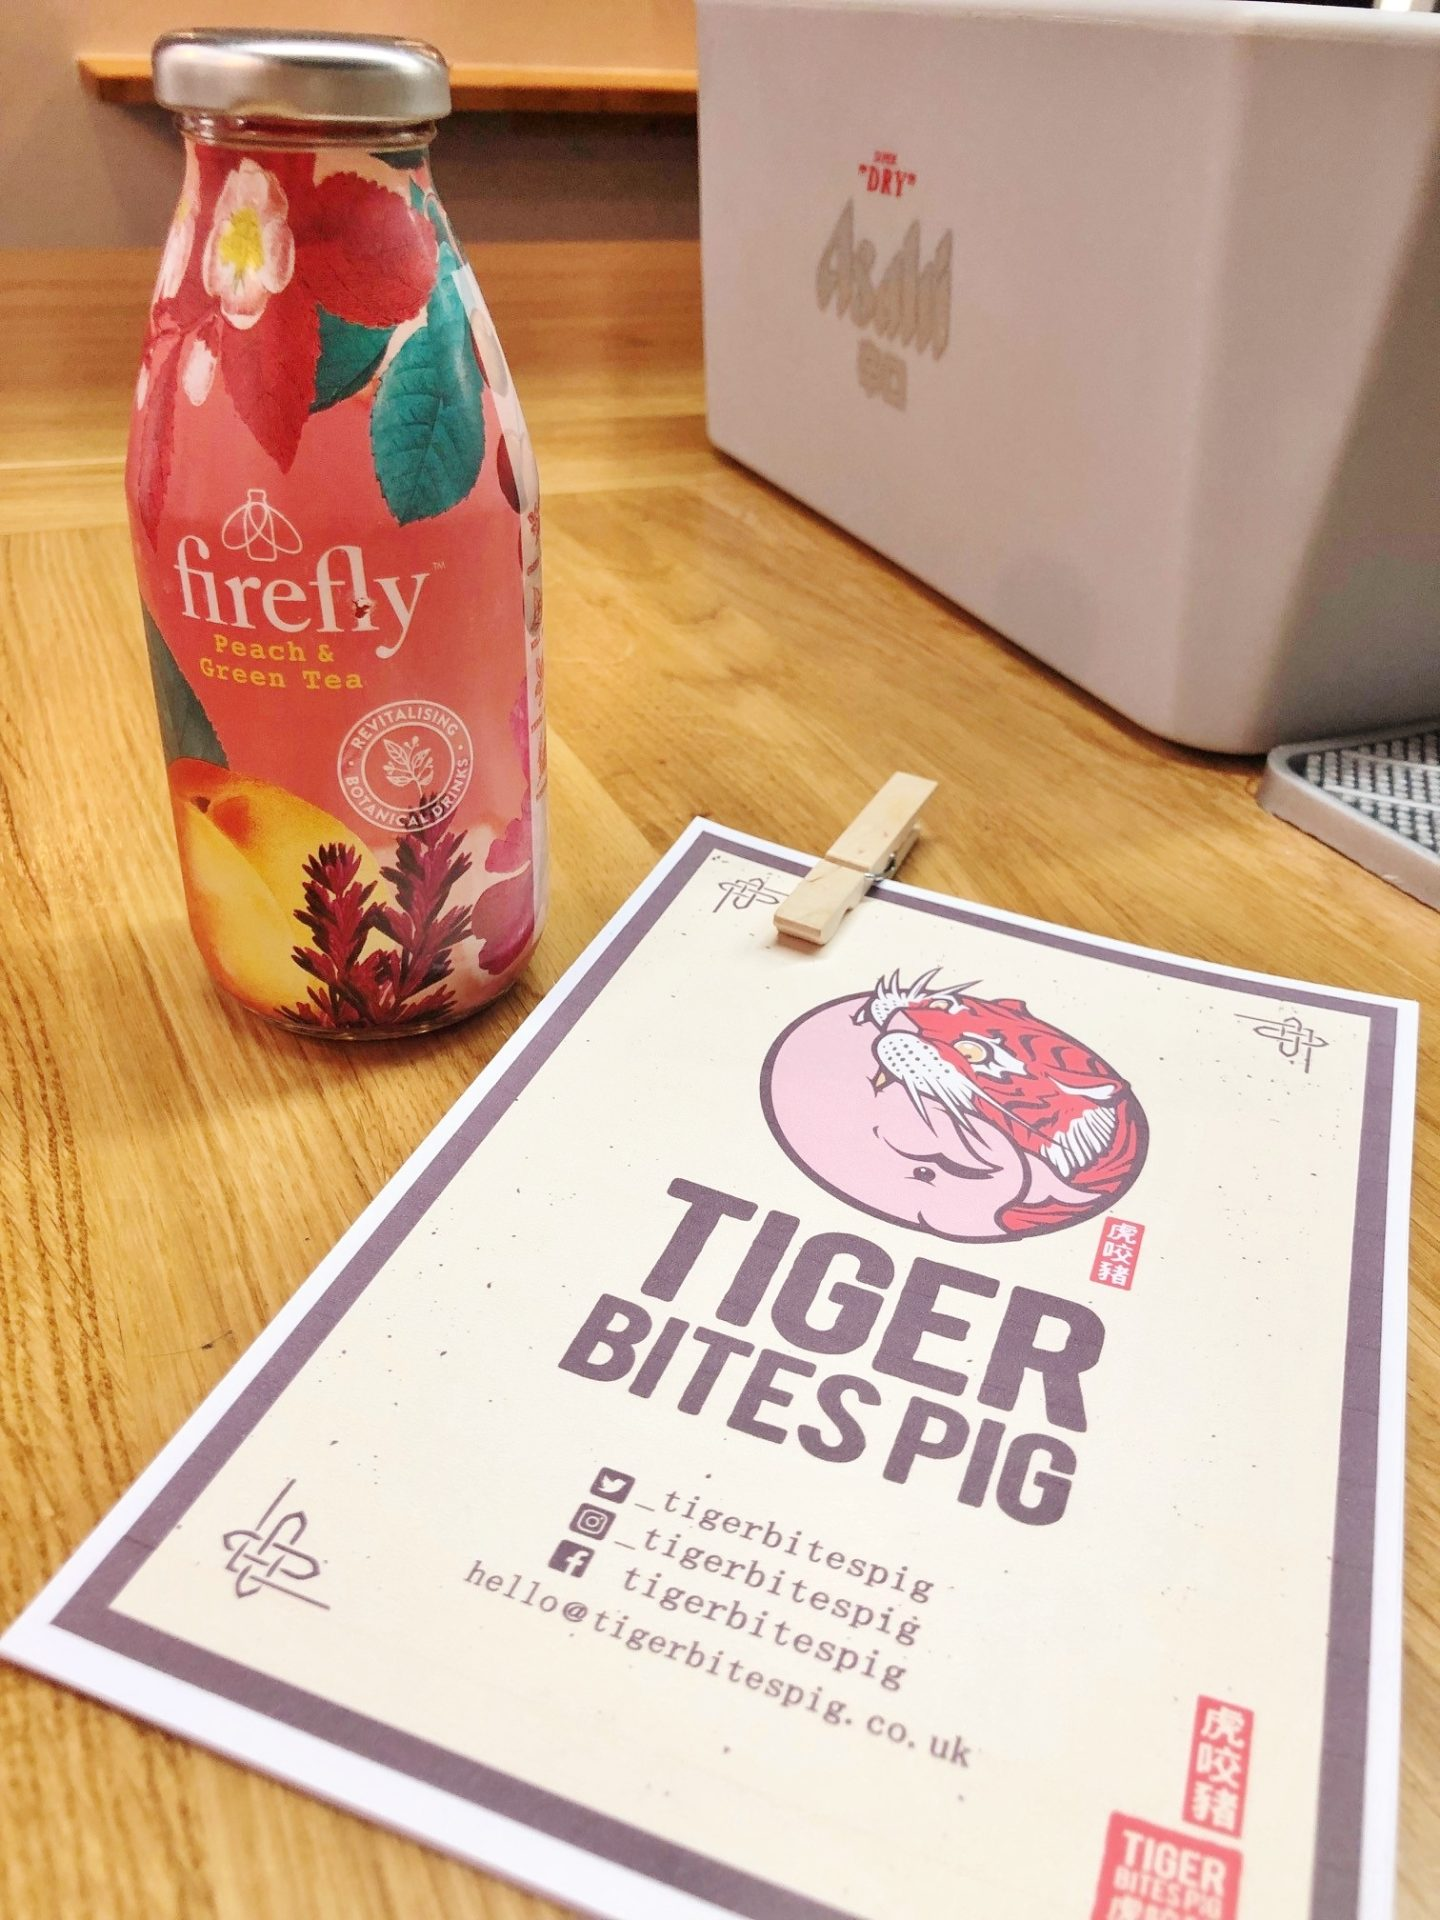 Tiger Bites Pig Birmingham Bao